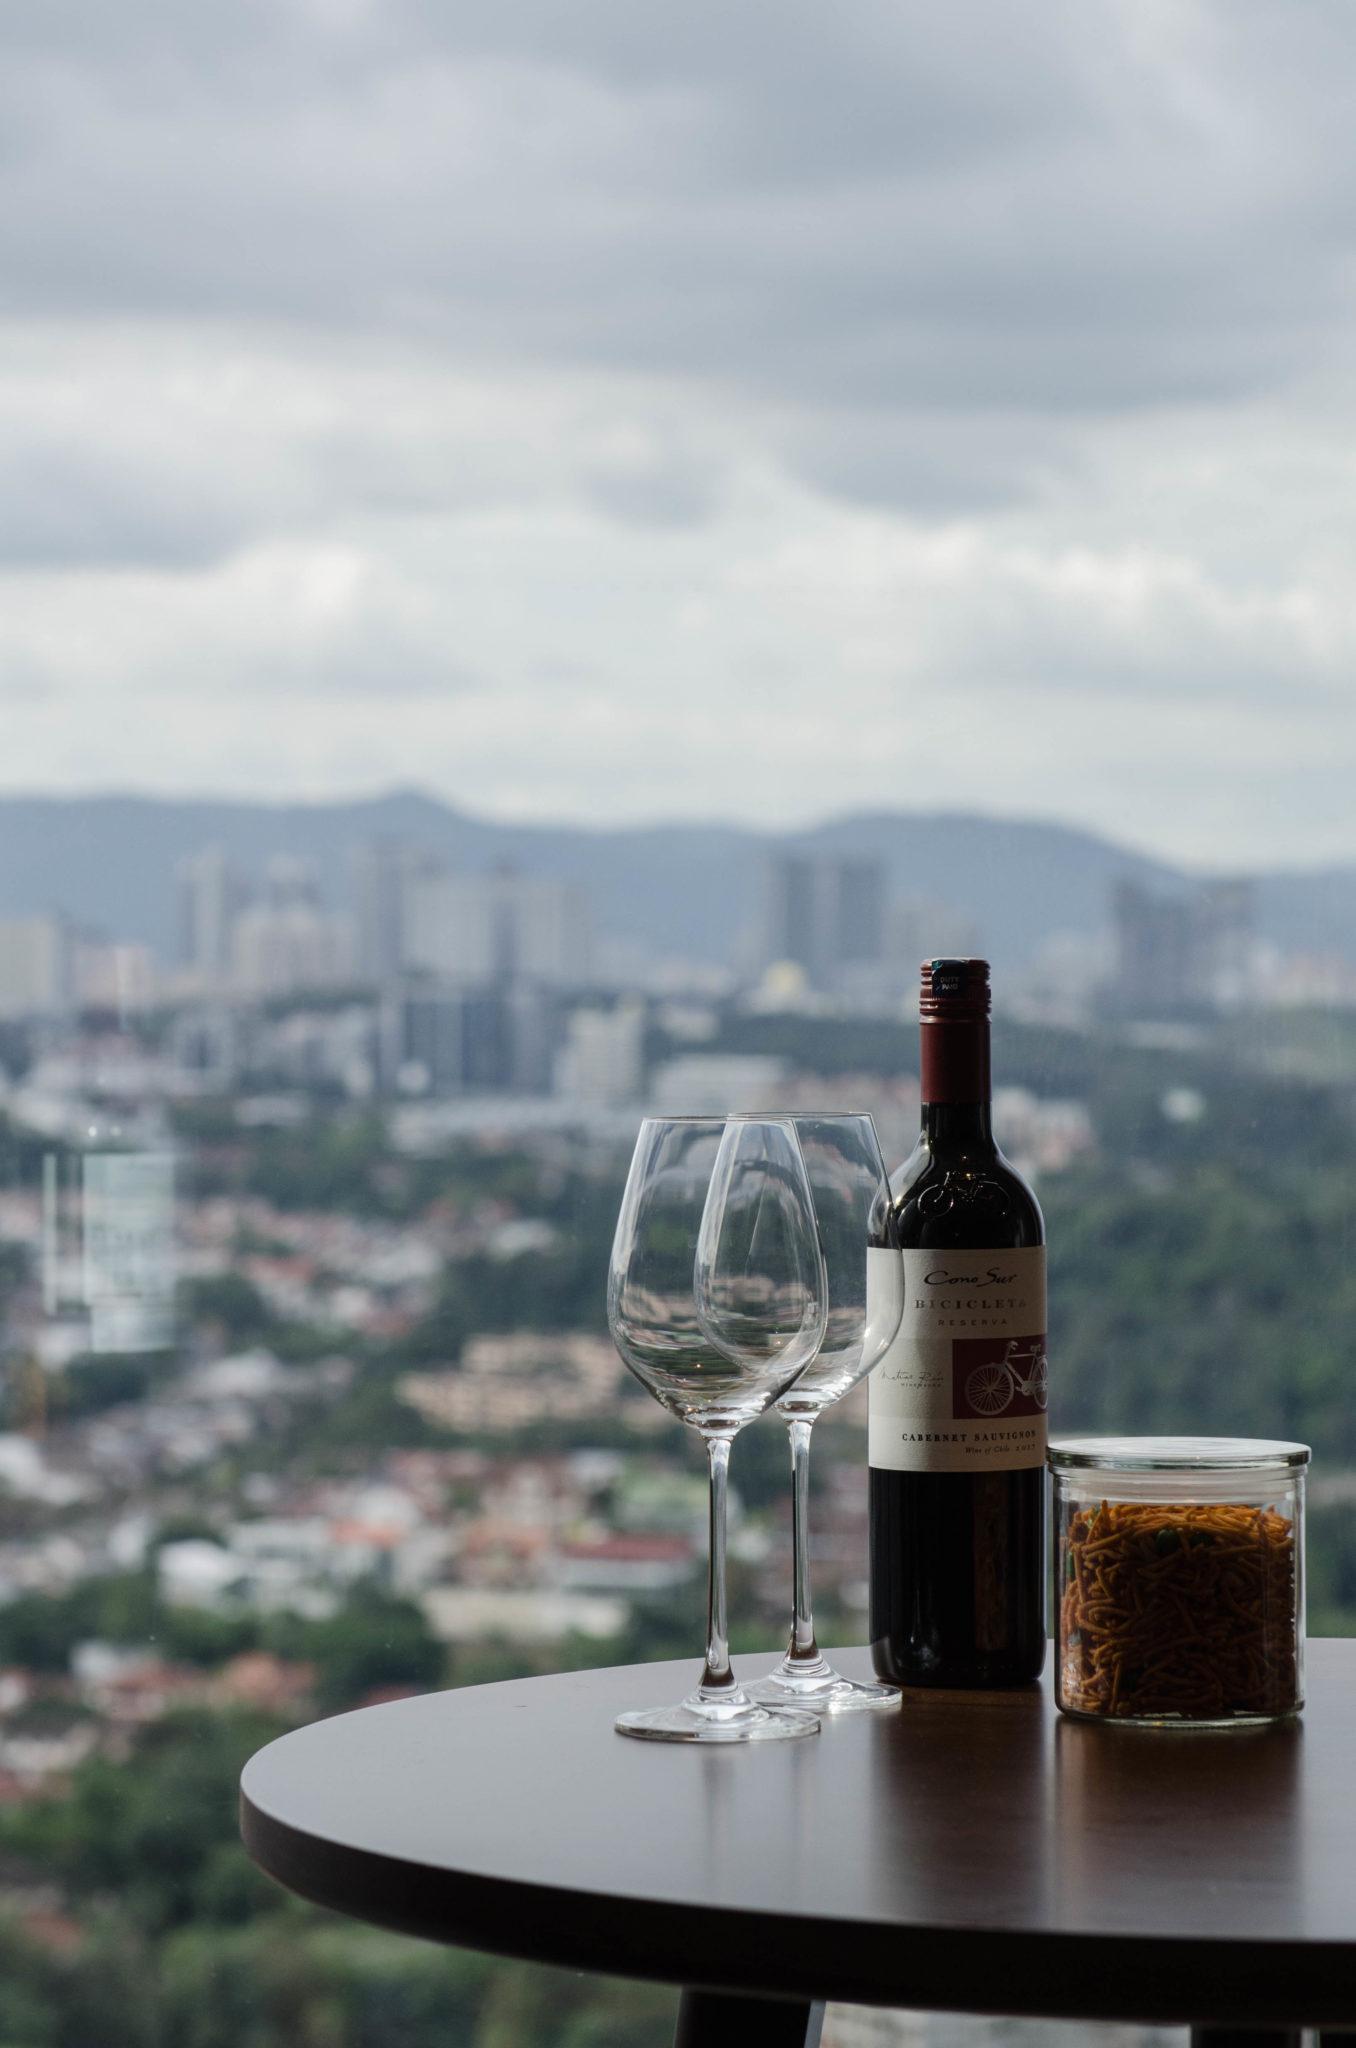 Alila Bangsar Kuala Lumpur Hotel Review